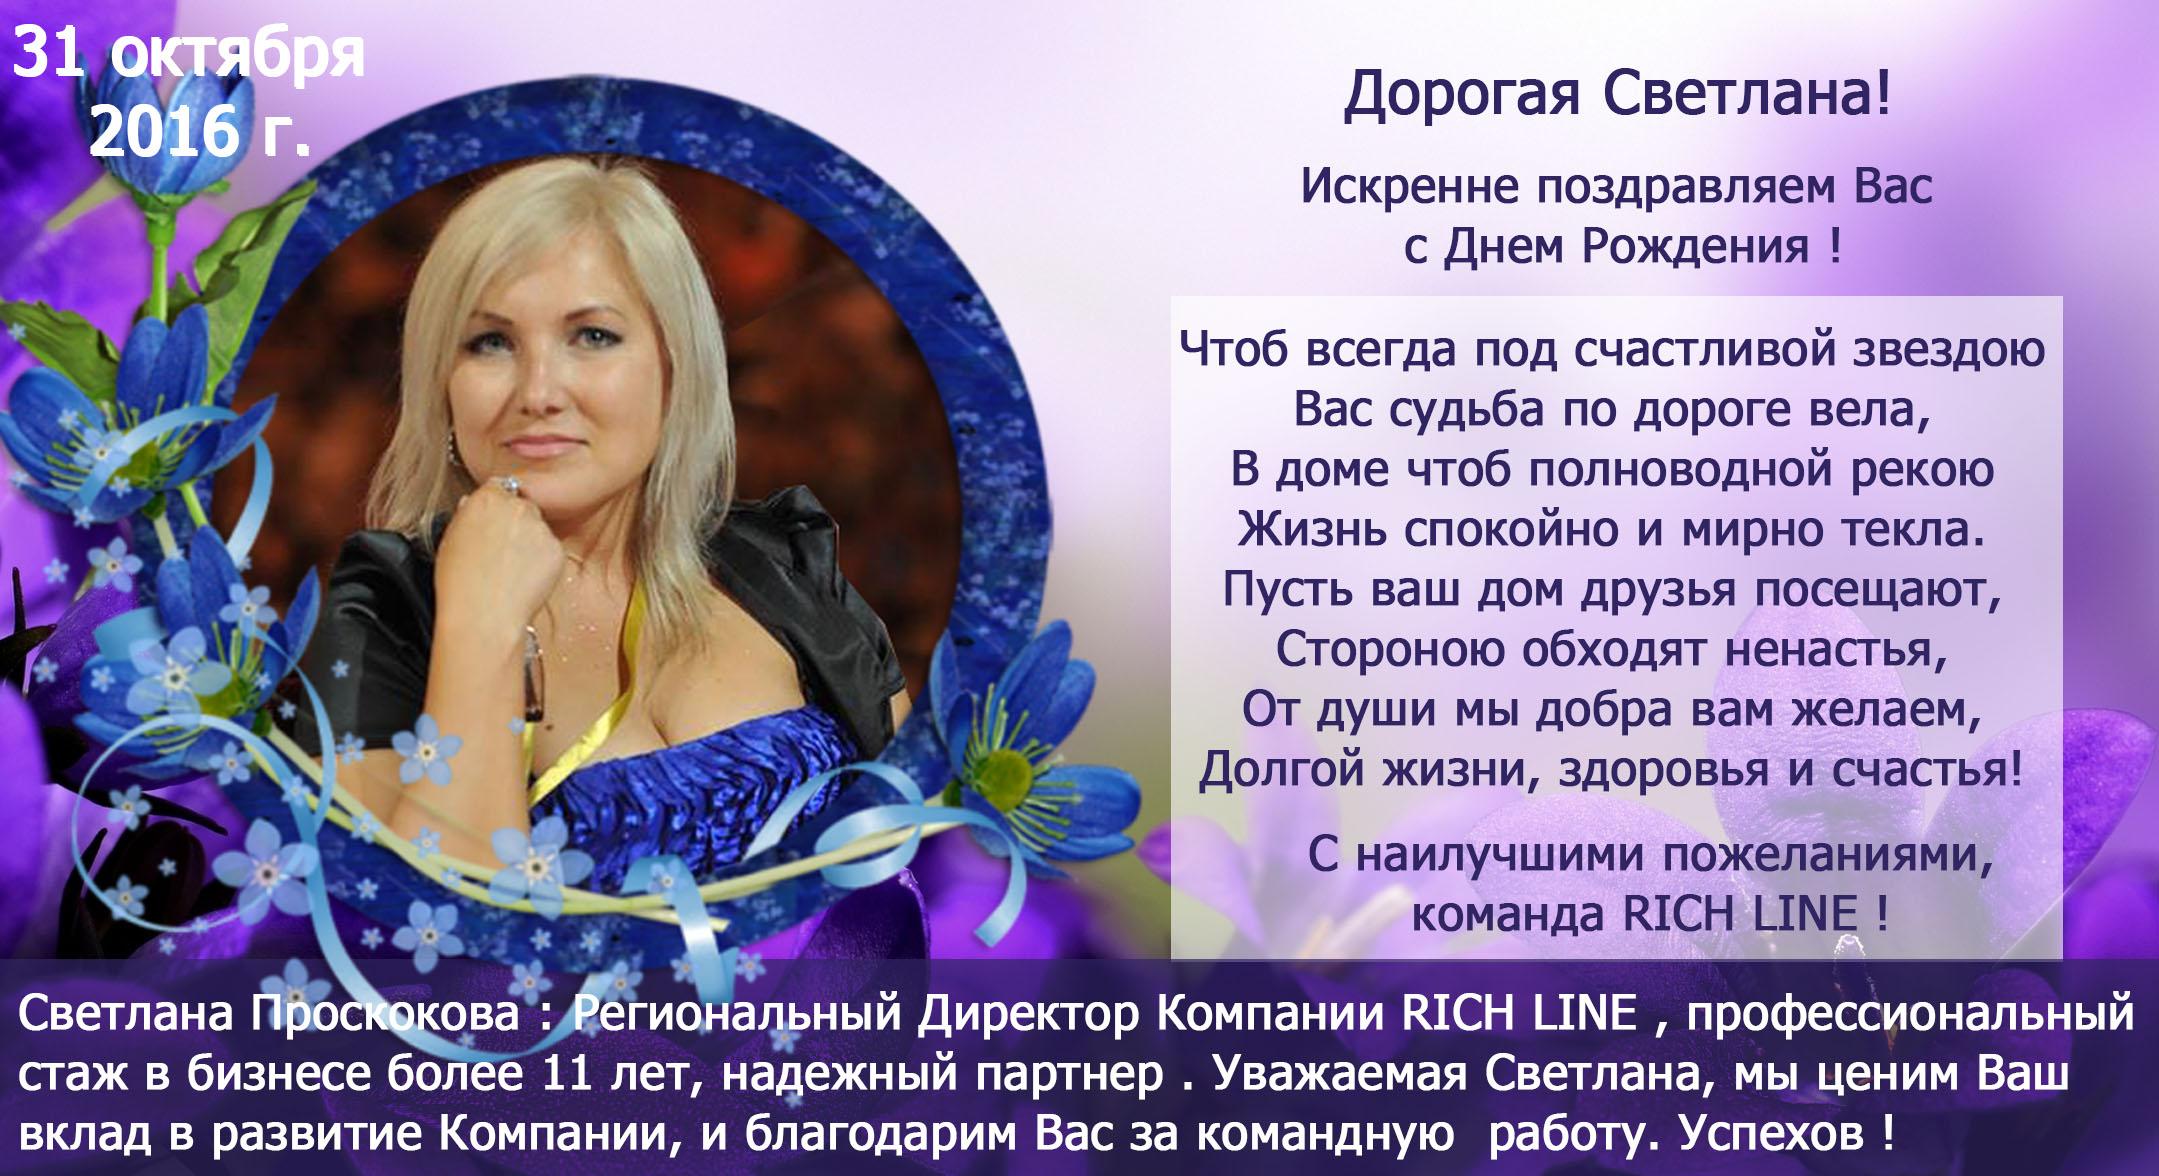 svetlana-s-dnem-rozhdeniya